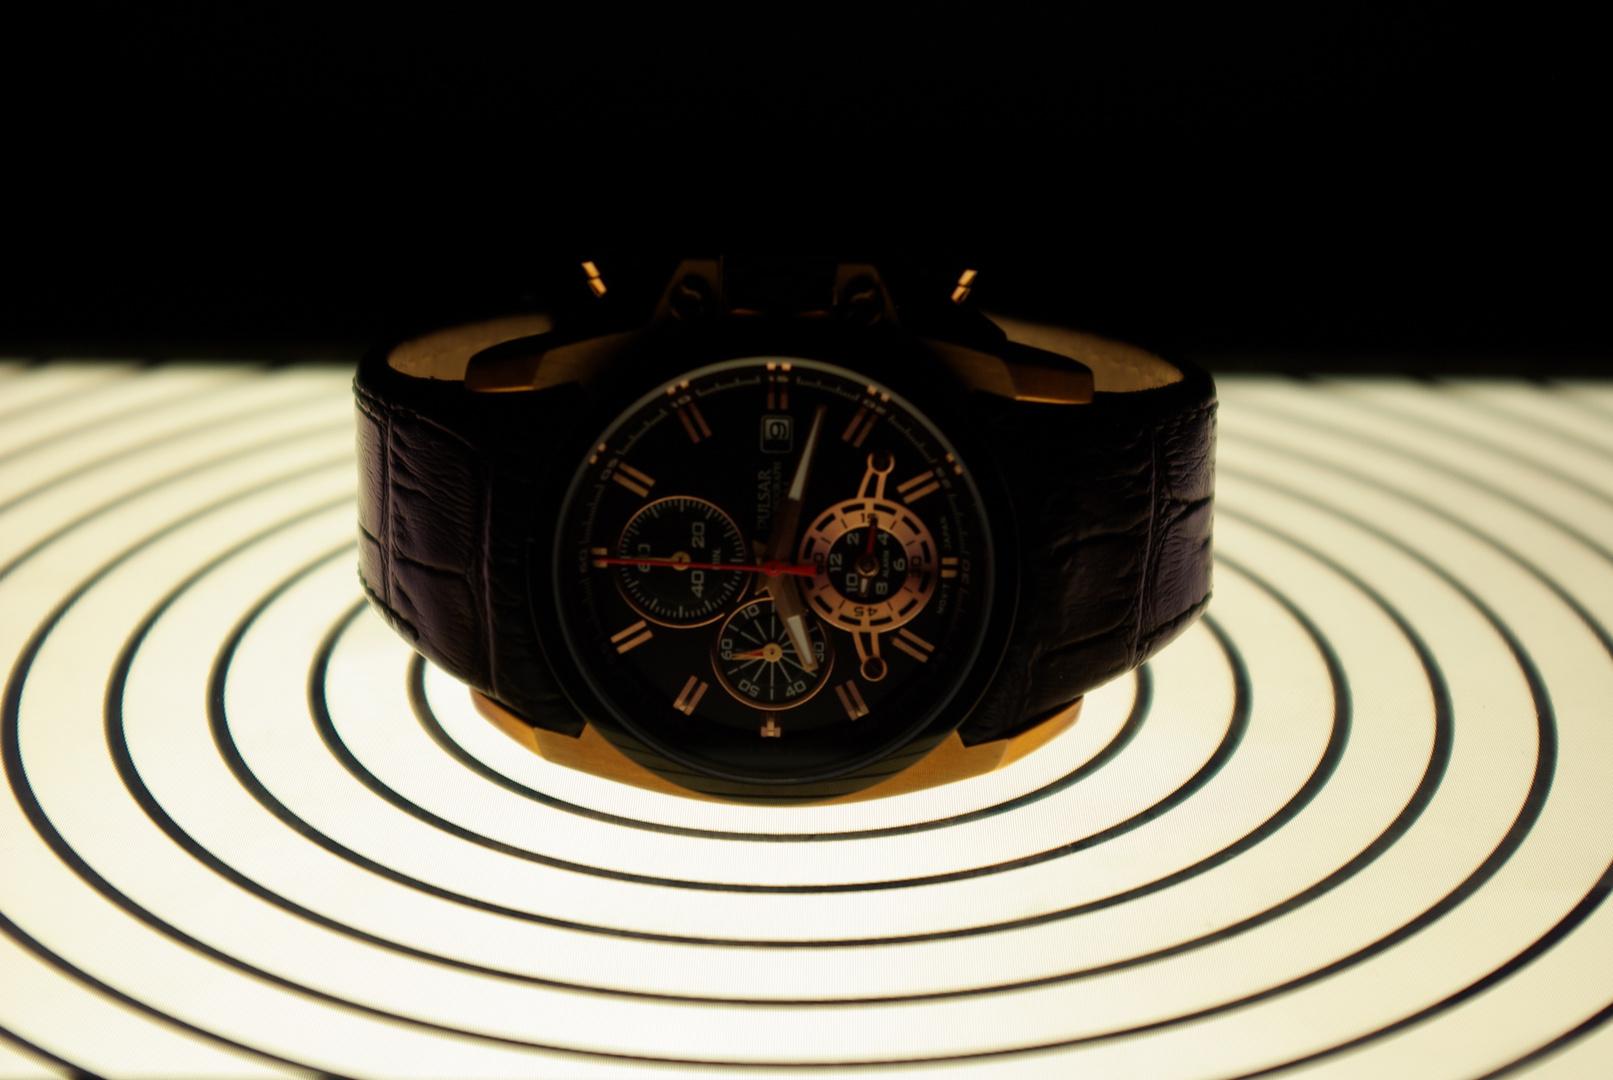 Uhr auf Ceranfeld ...